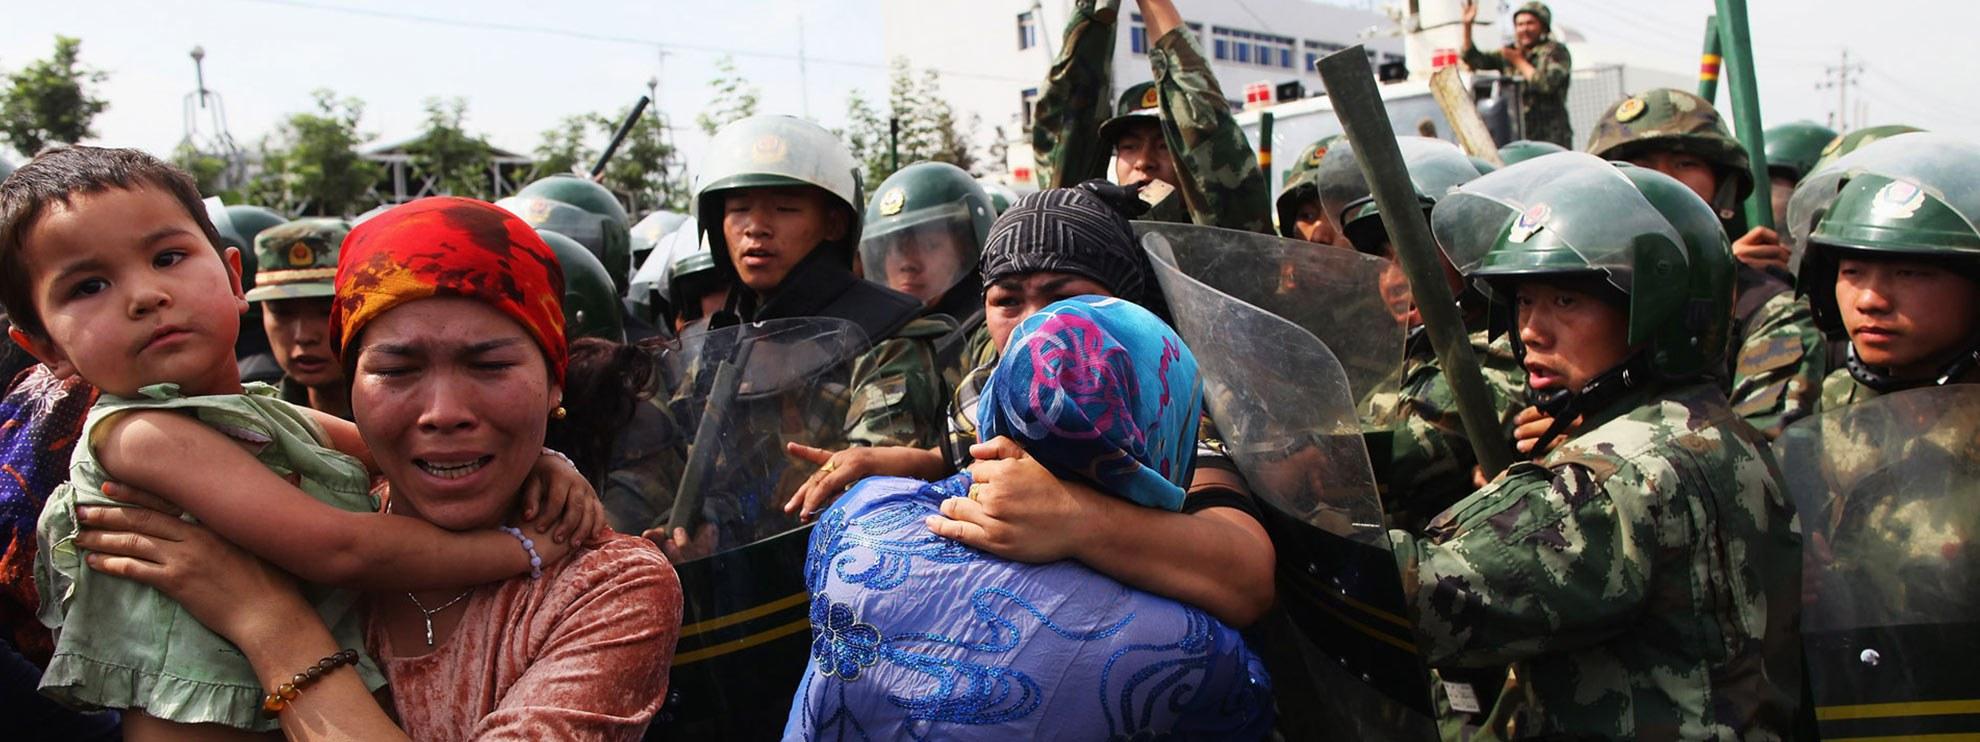 Chinesische Polizisten gehen in Urumqi, China, gegen Mitglieder der uigurischen Minderheit vor. © Guang Niu/Getty Images